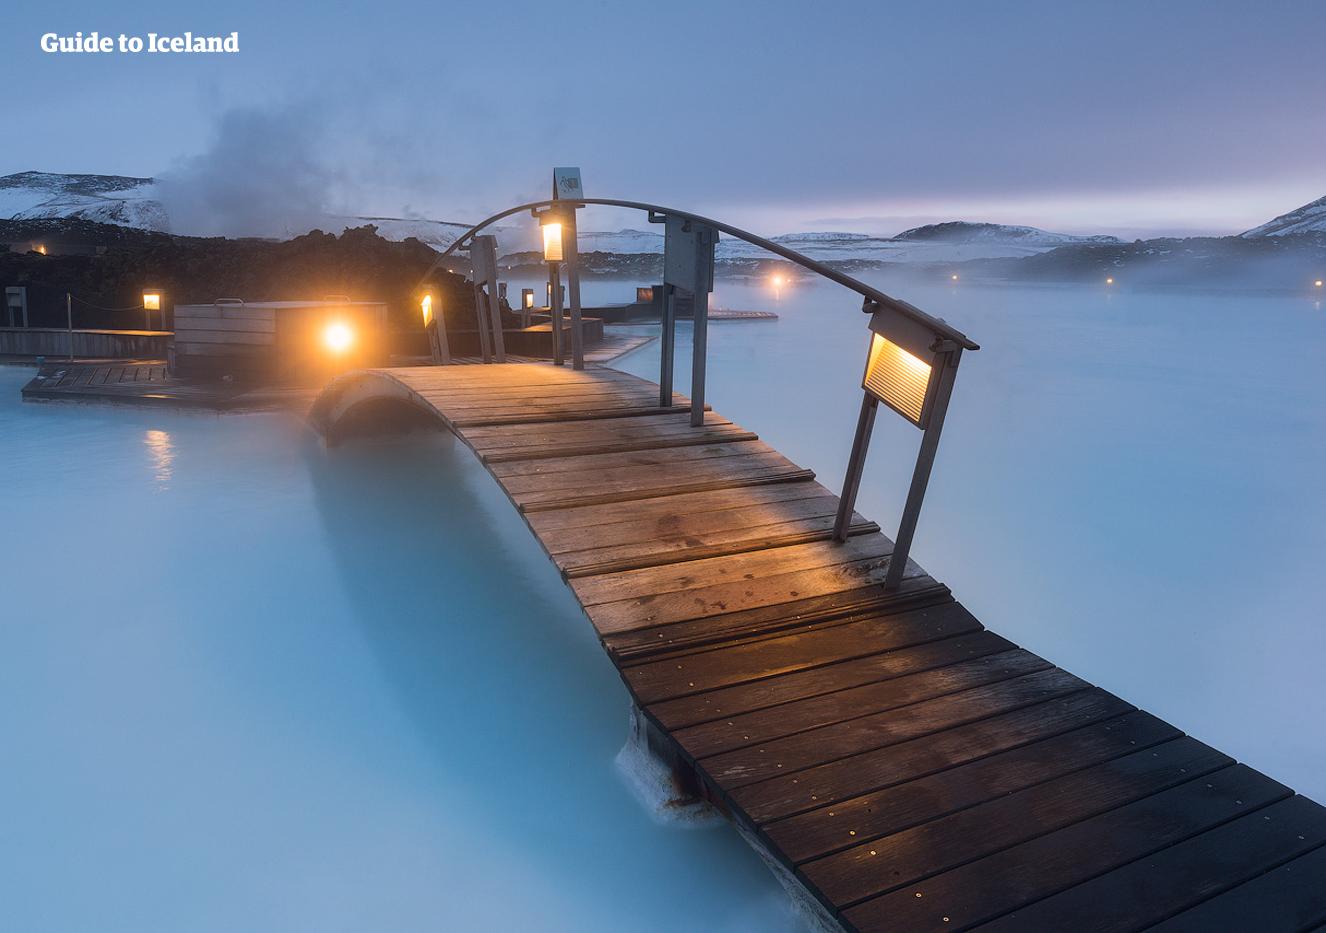 En flott kur for jetlag er en dukkert i de varme kildene i Den blå lagune.